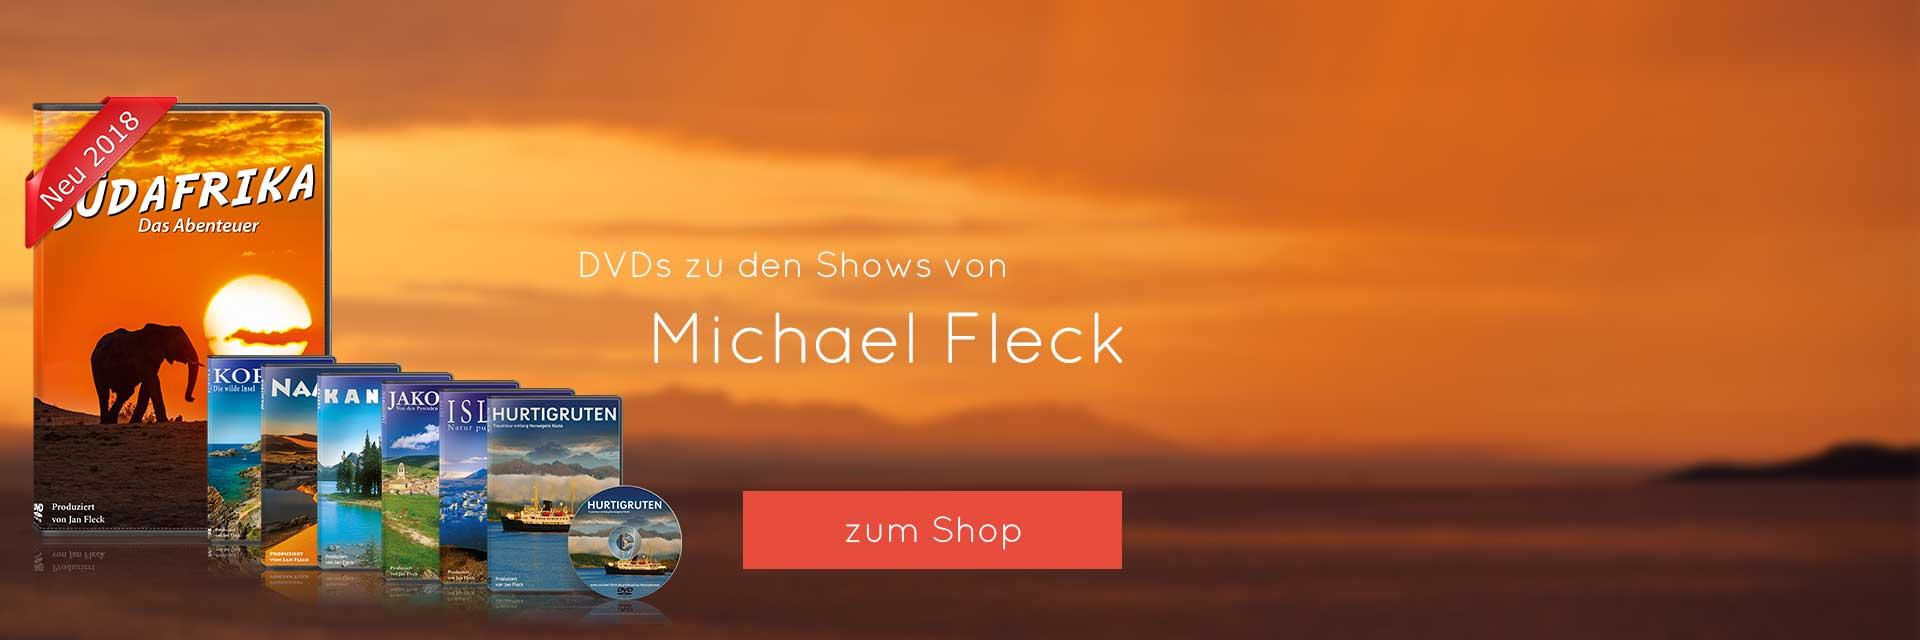 DVDs zu den Shows von Michael Fleck - Bild: von Sonnenuntergang bei den Hurtigruten